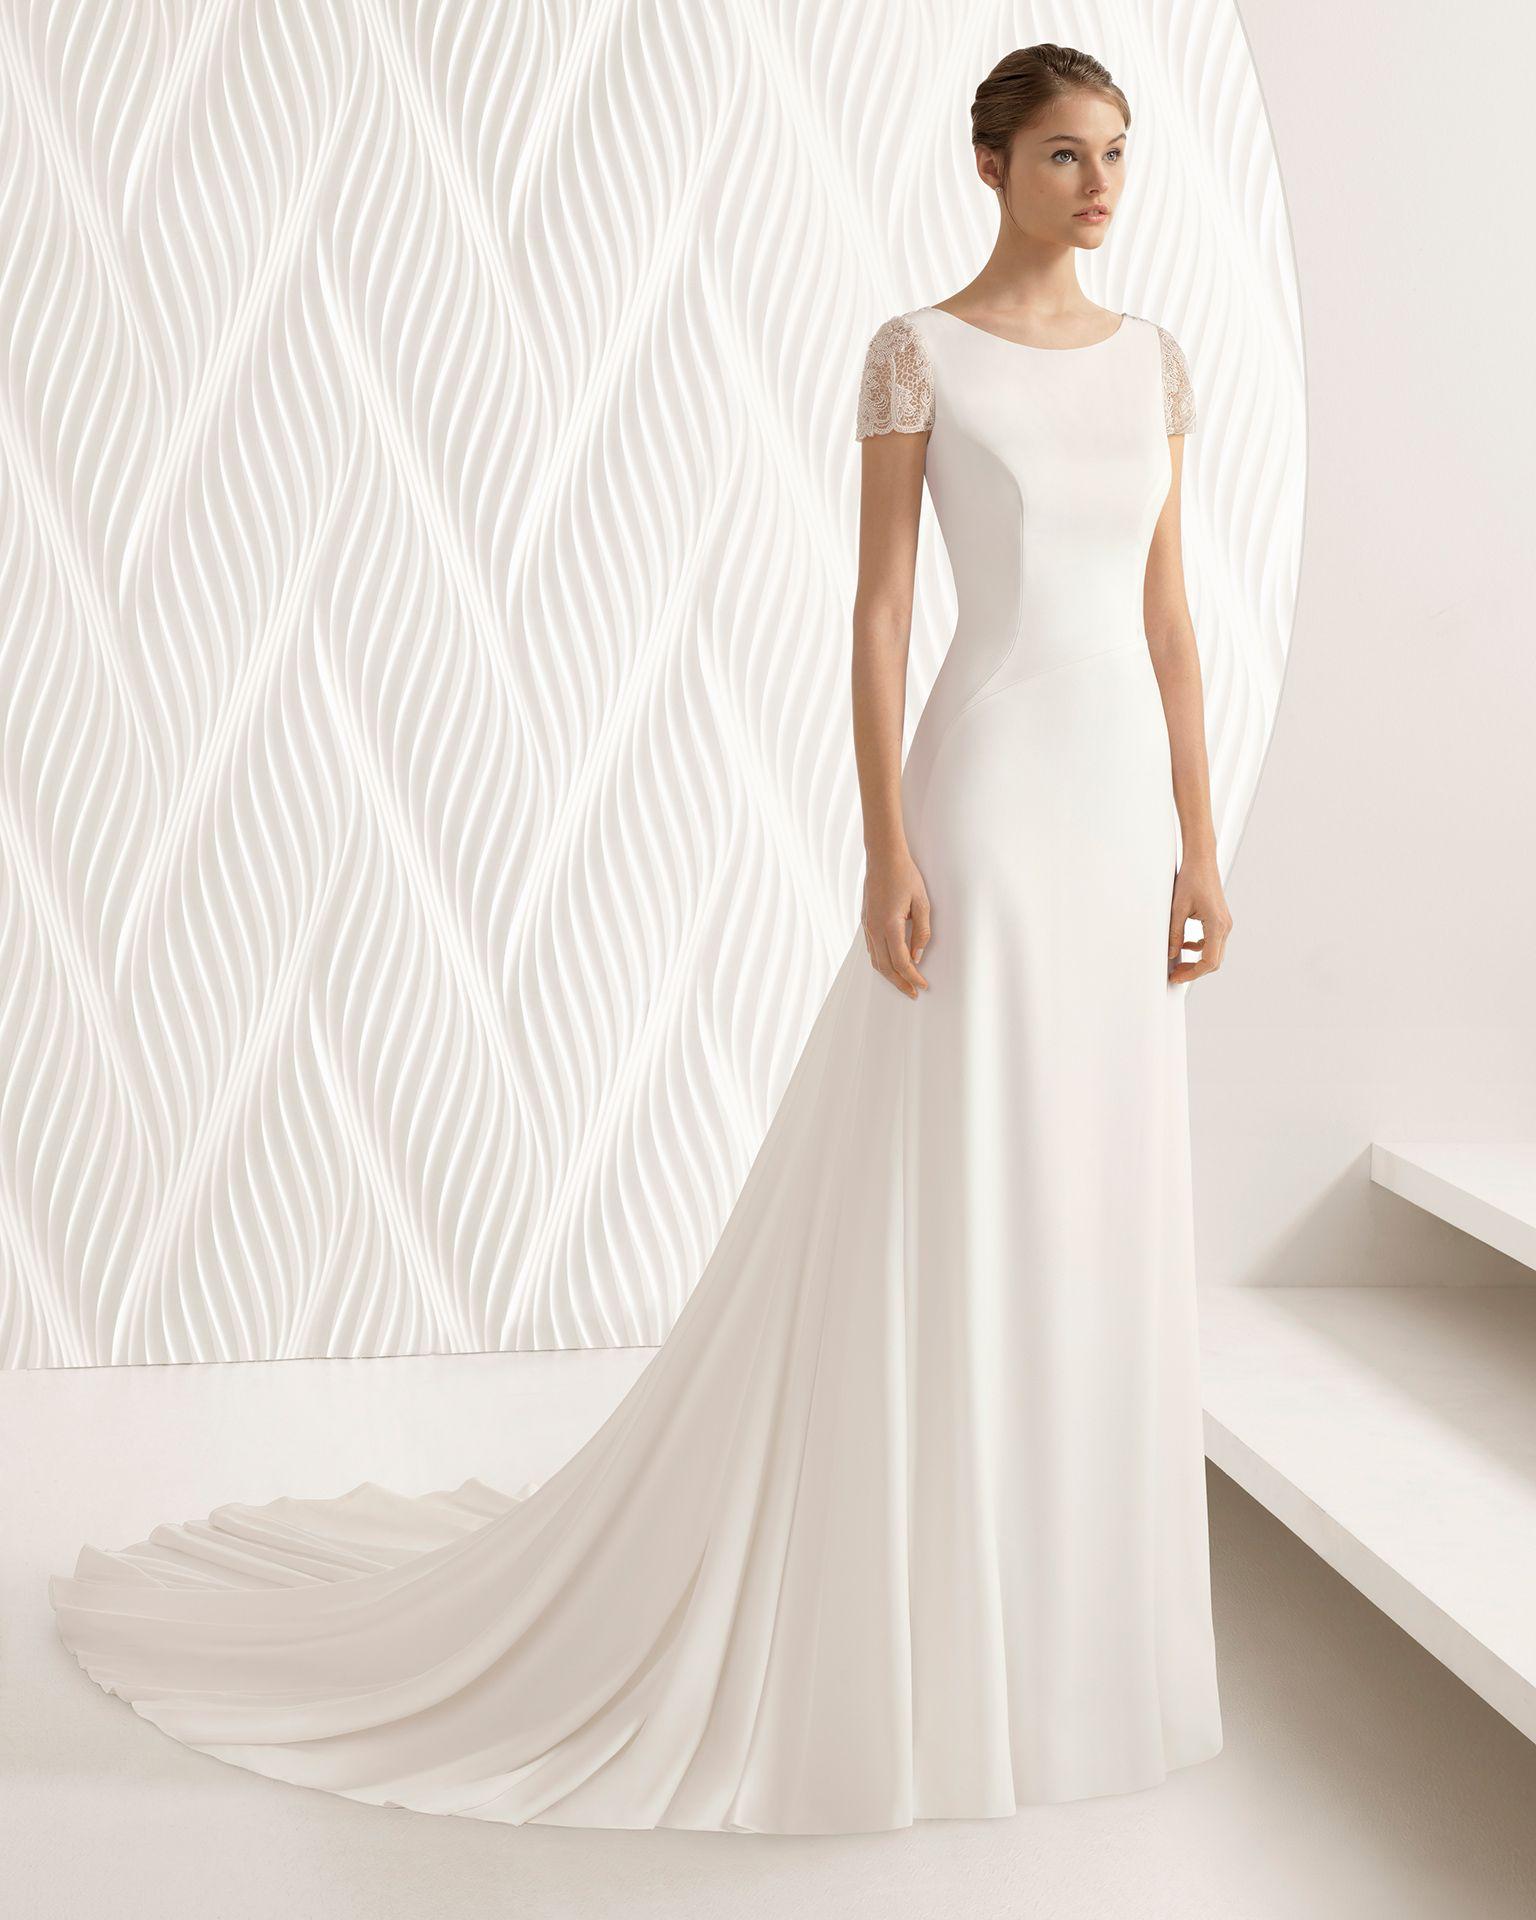 b2c60cb5c8bf Vestido de novia corte sirena de crepe y encaje de manga corta y espalda  abierta. Colección 2018 Rosa Clará.